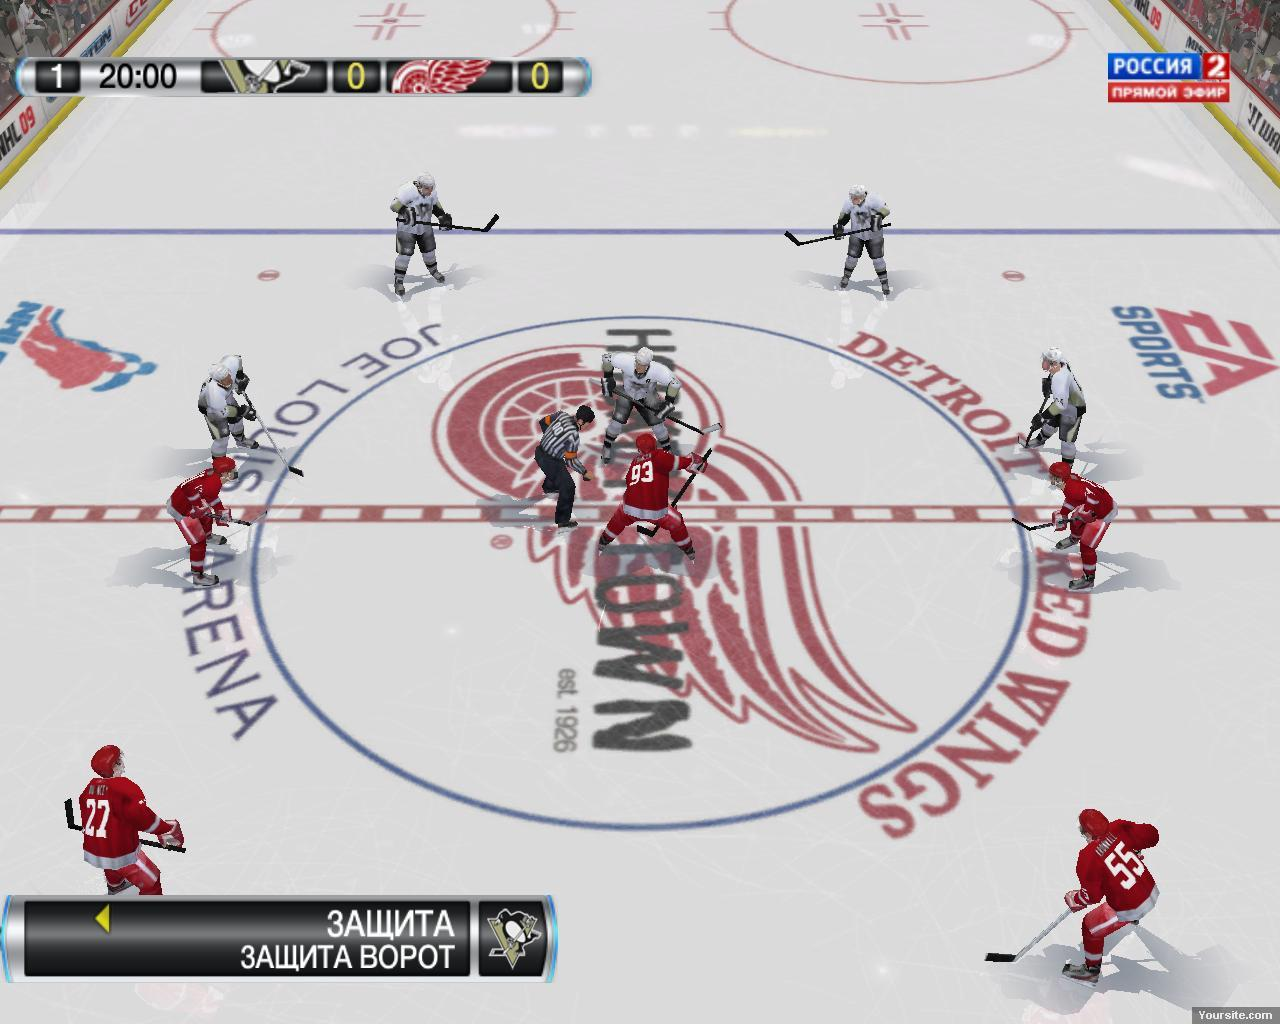 Скачать на компьютер игры хоккей.